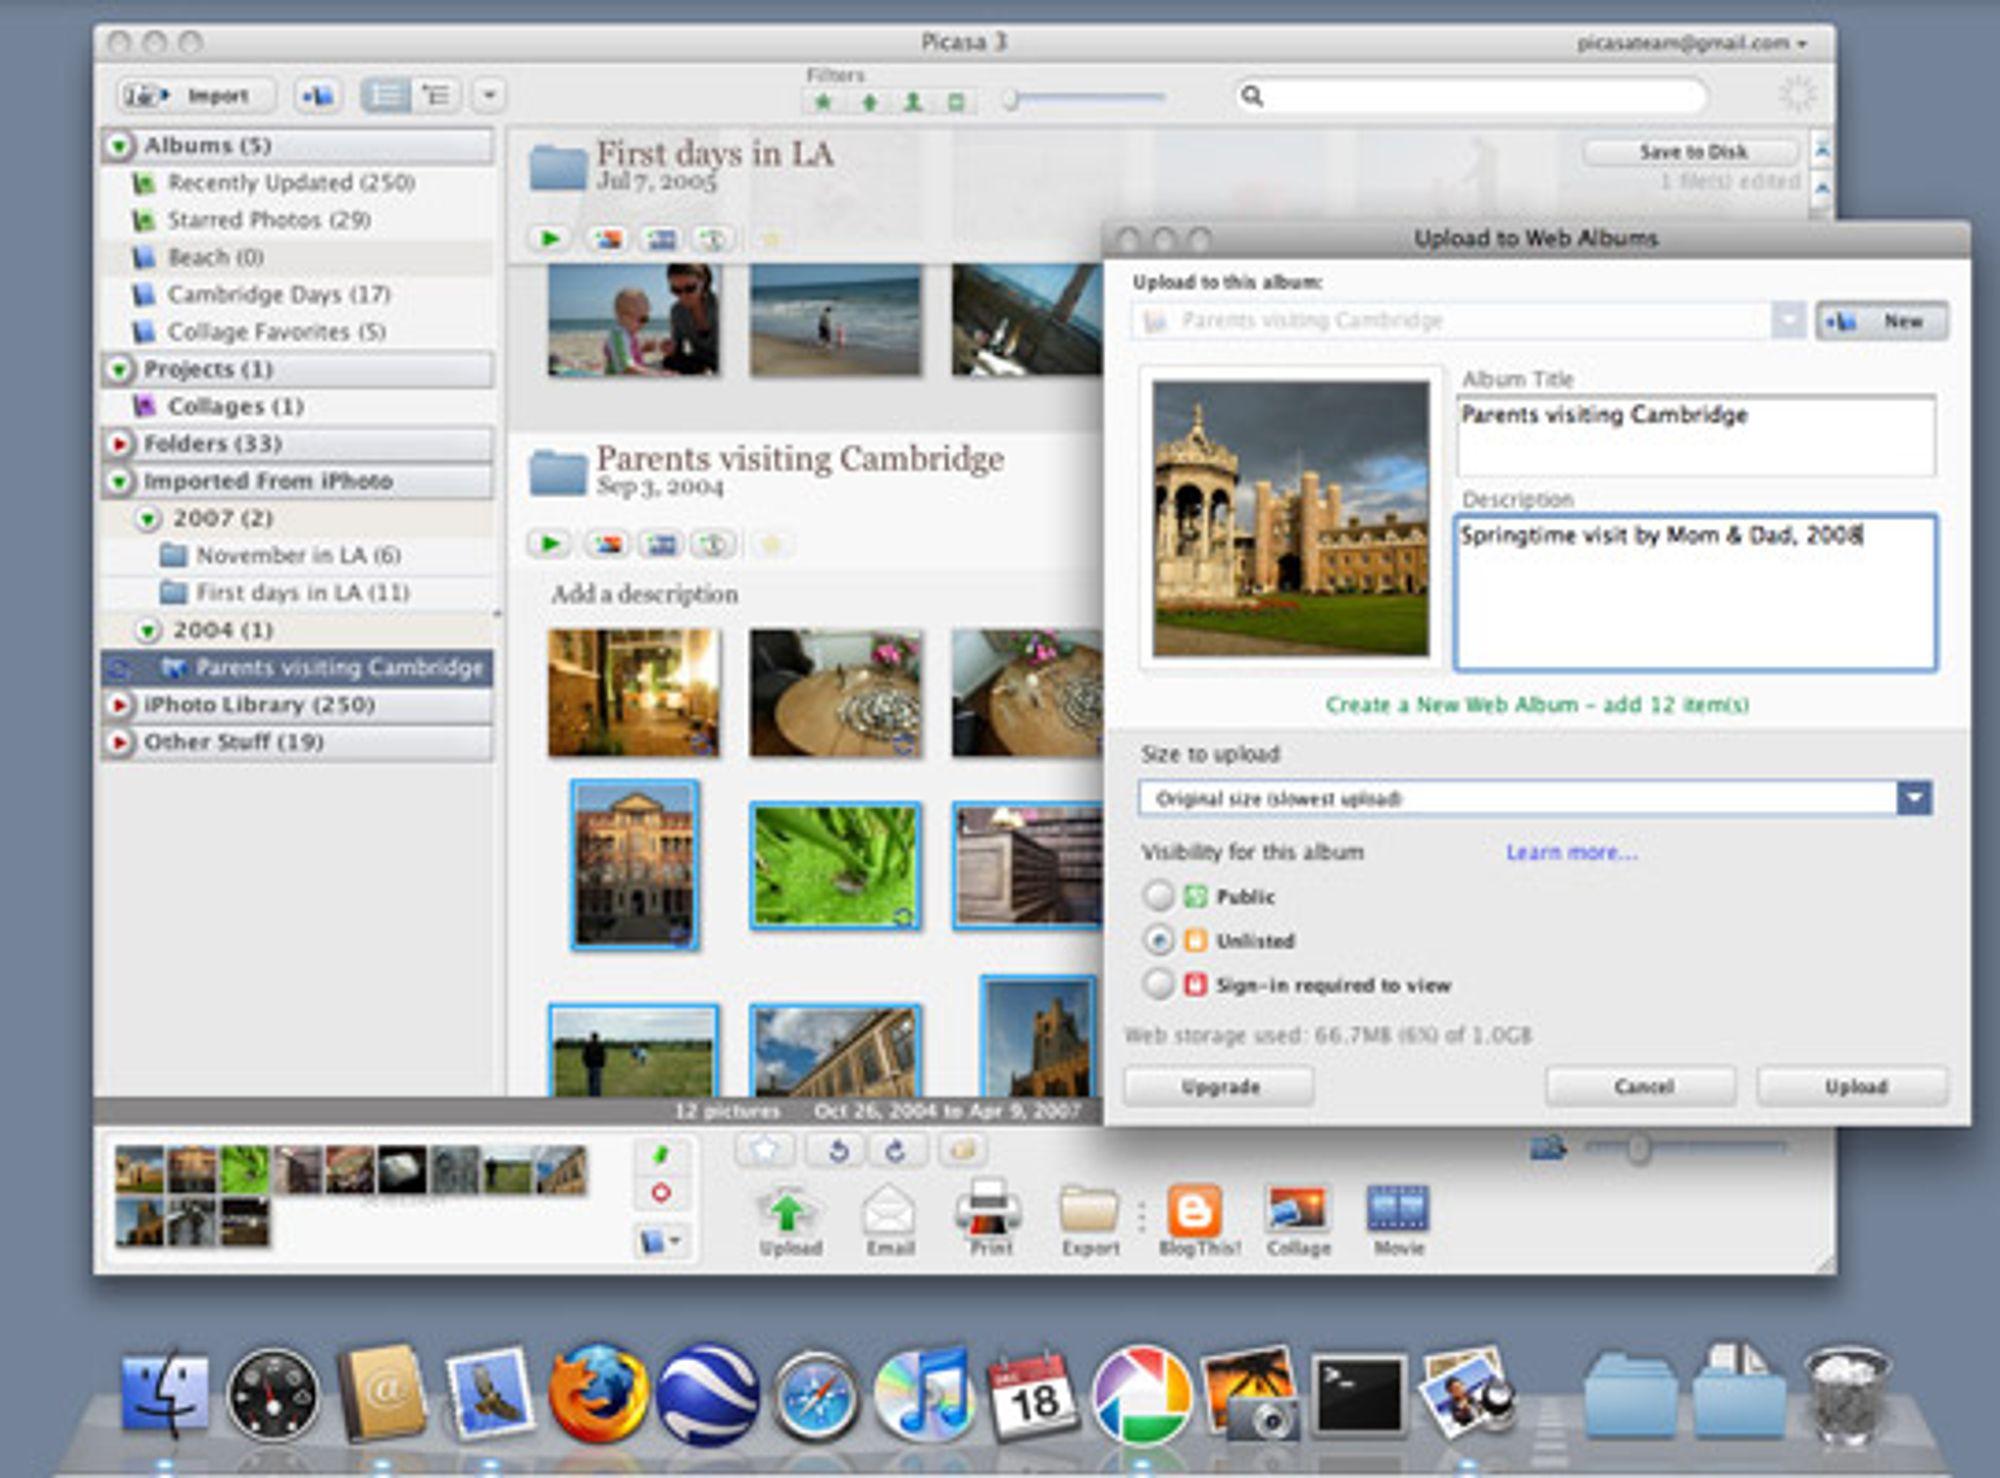 Skjermdump fra Picasa på Mac.